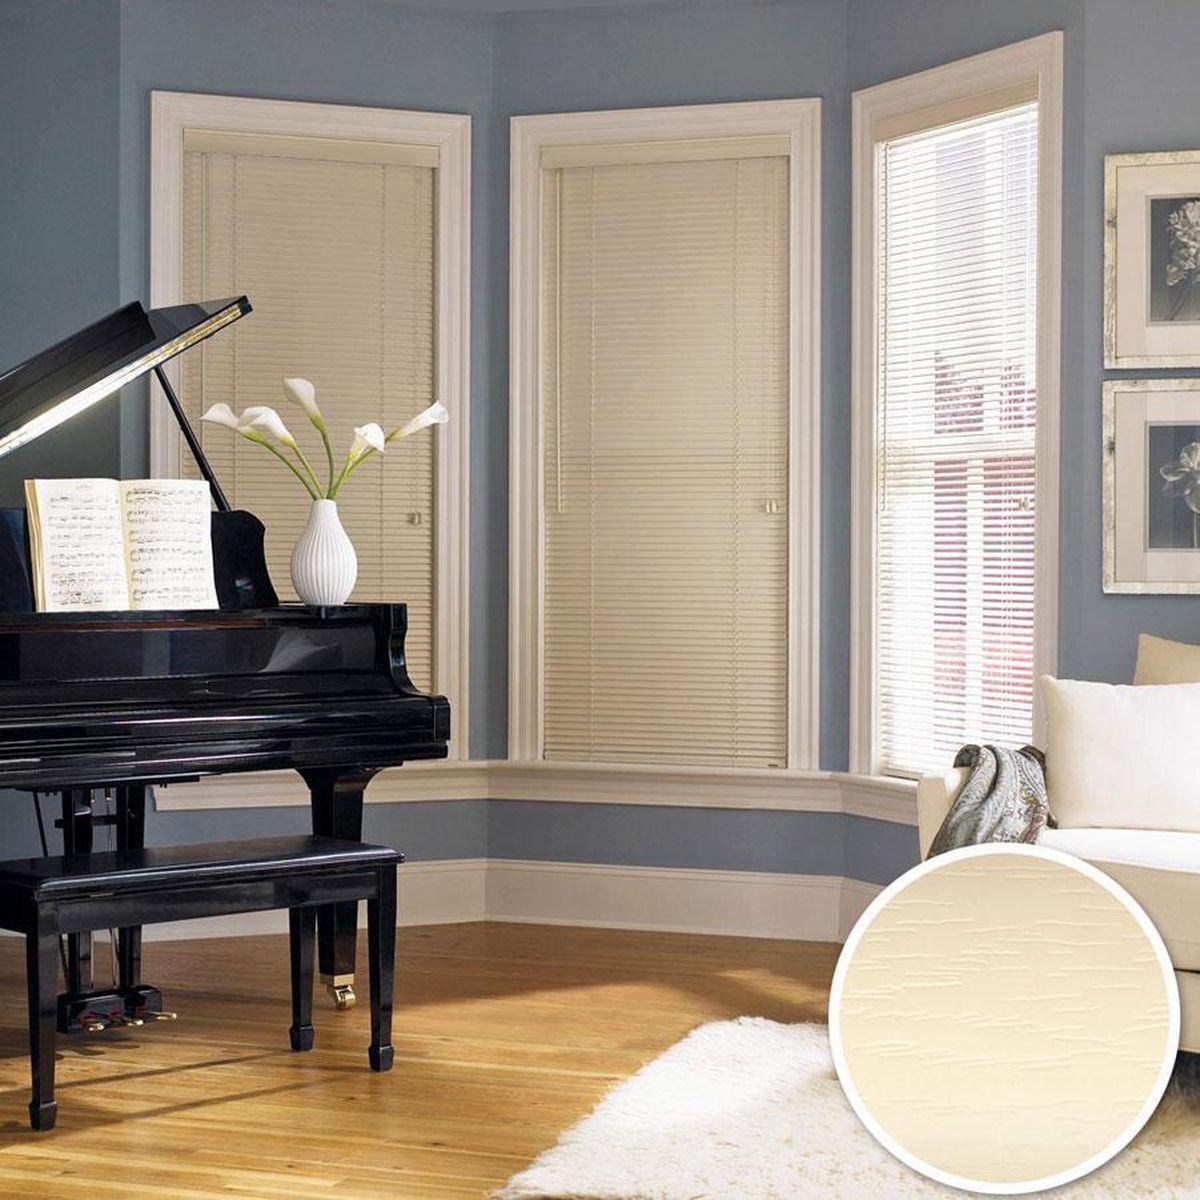 Жалюзи Эскар, цвет: бежевый, ширина 120 см, высота 160 см61009120160Для того чтобы придать интерьеру изюминку и завершенность, нет ничего лучше, чем использовать жалюзи на окнах квартиры, дома или офиса. С их помощью можно подчеркнуть индивидуальный вкус, а также стилевое оформление помещения. Помимо декоративных функций, жалюзи выполняют и практические задачи: они защищают от излишнего солнечного света, не дают помещению нагреваться, а также создают уют в темное время суток.Пластиковые жалюзи - самое универсальное и недорогое решение для любого помещения. Купить их может каждый, а широкий выбор размеров под самые популярные габариты сделает покупку простой и удобной. Пластиковые жалюзи имеют высокие эксплуатационные характеристики - они гигиеничны, что делает их незаменимыми при монтаже в детских и медицинских учреждениях.